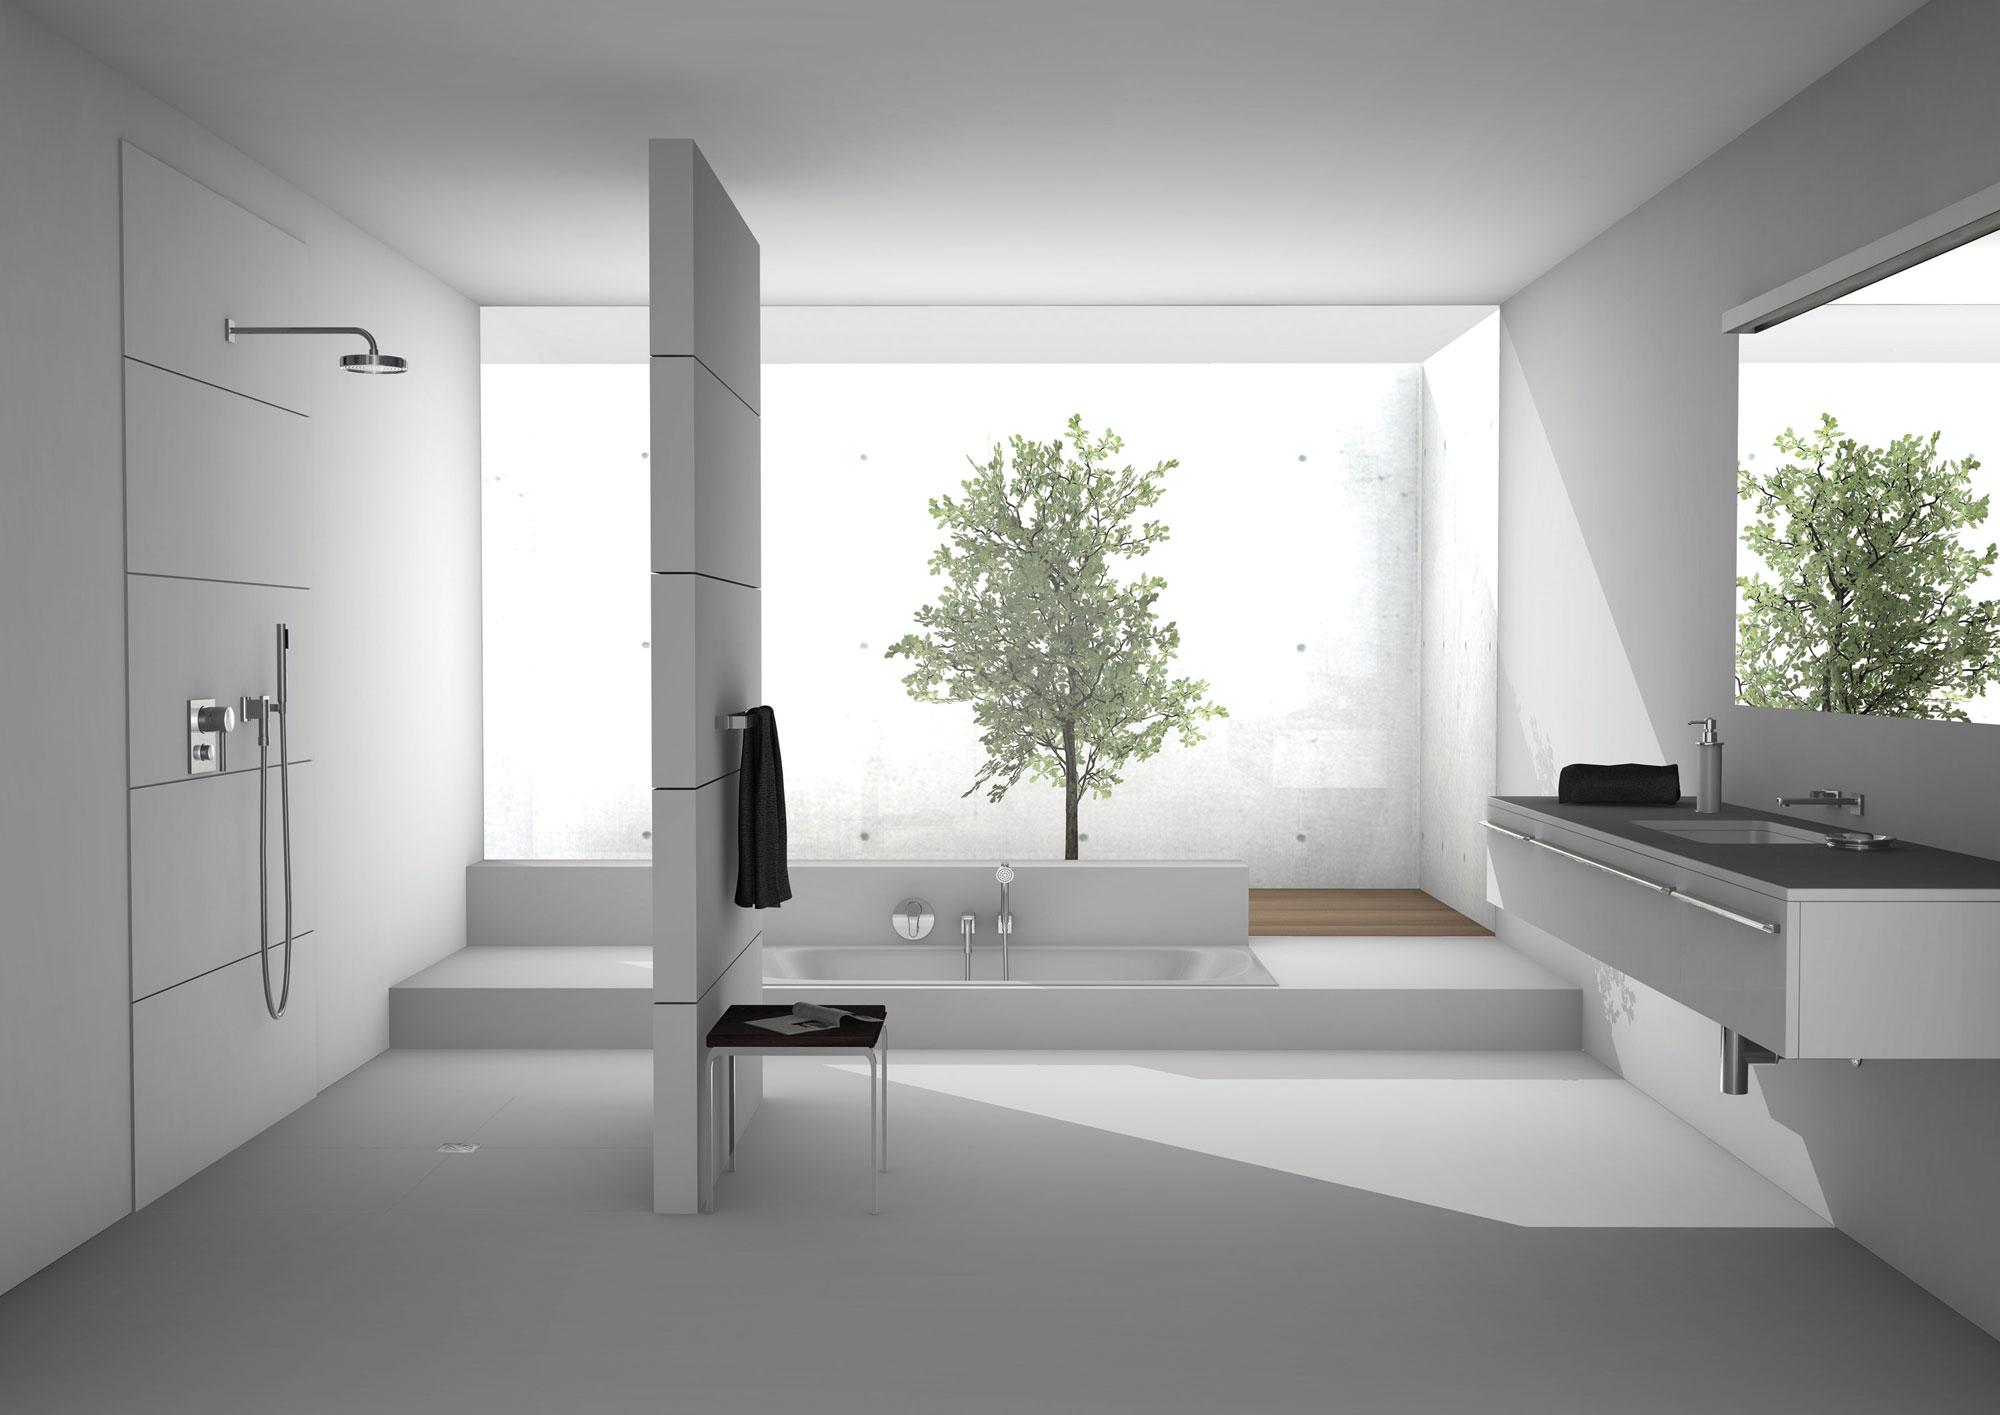 Wetroom-Roomset